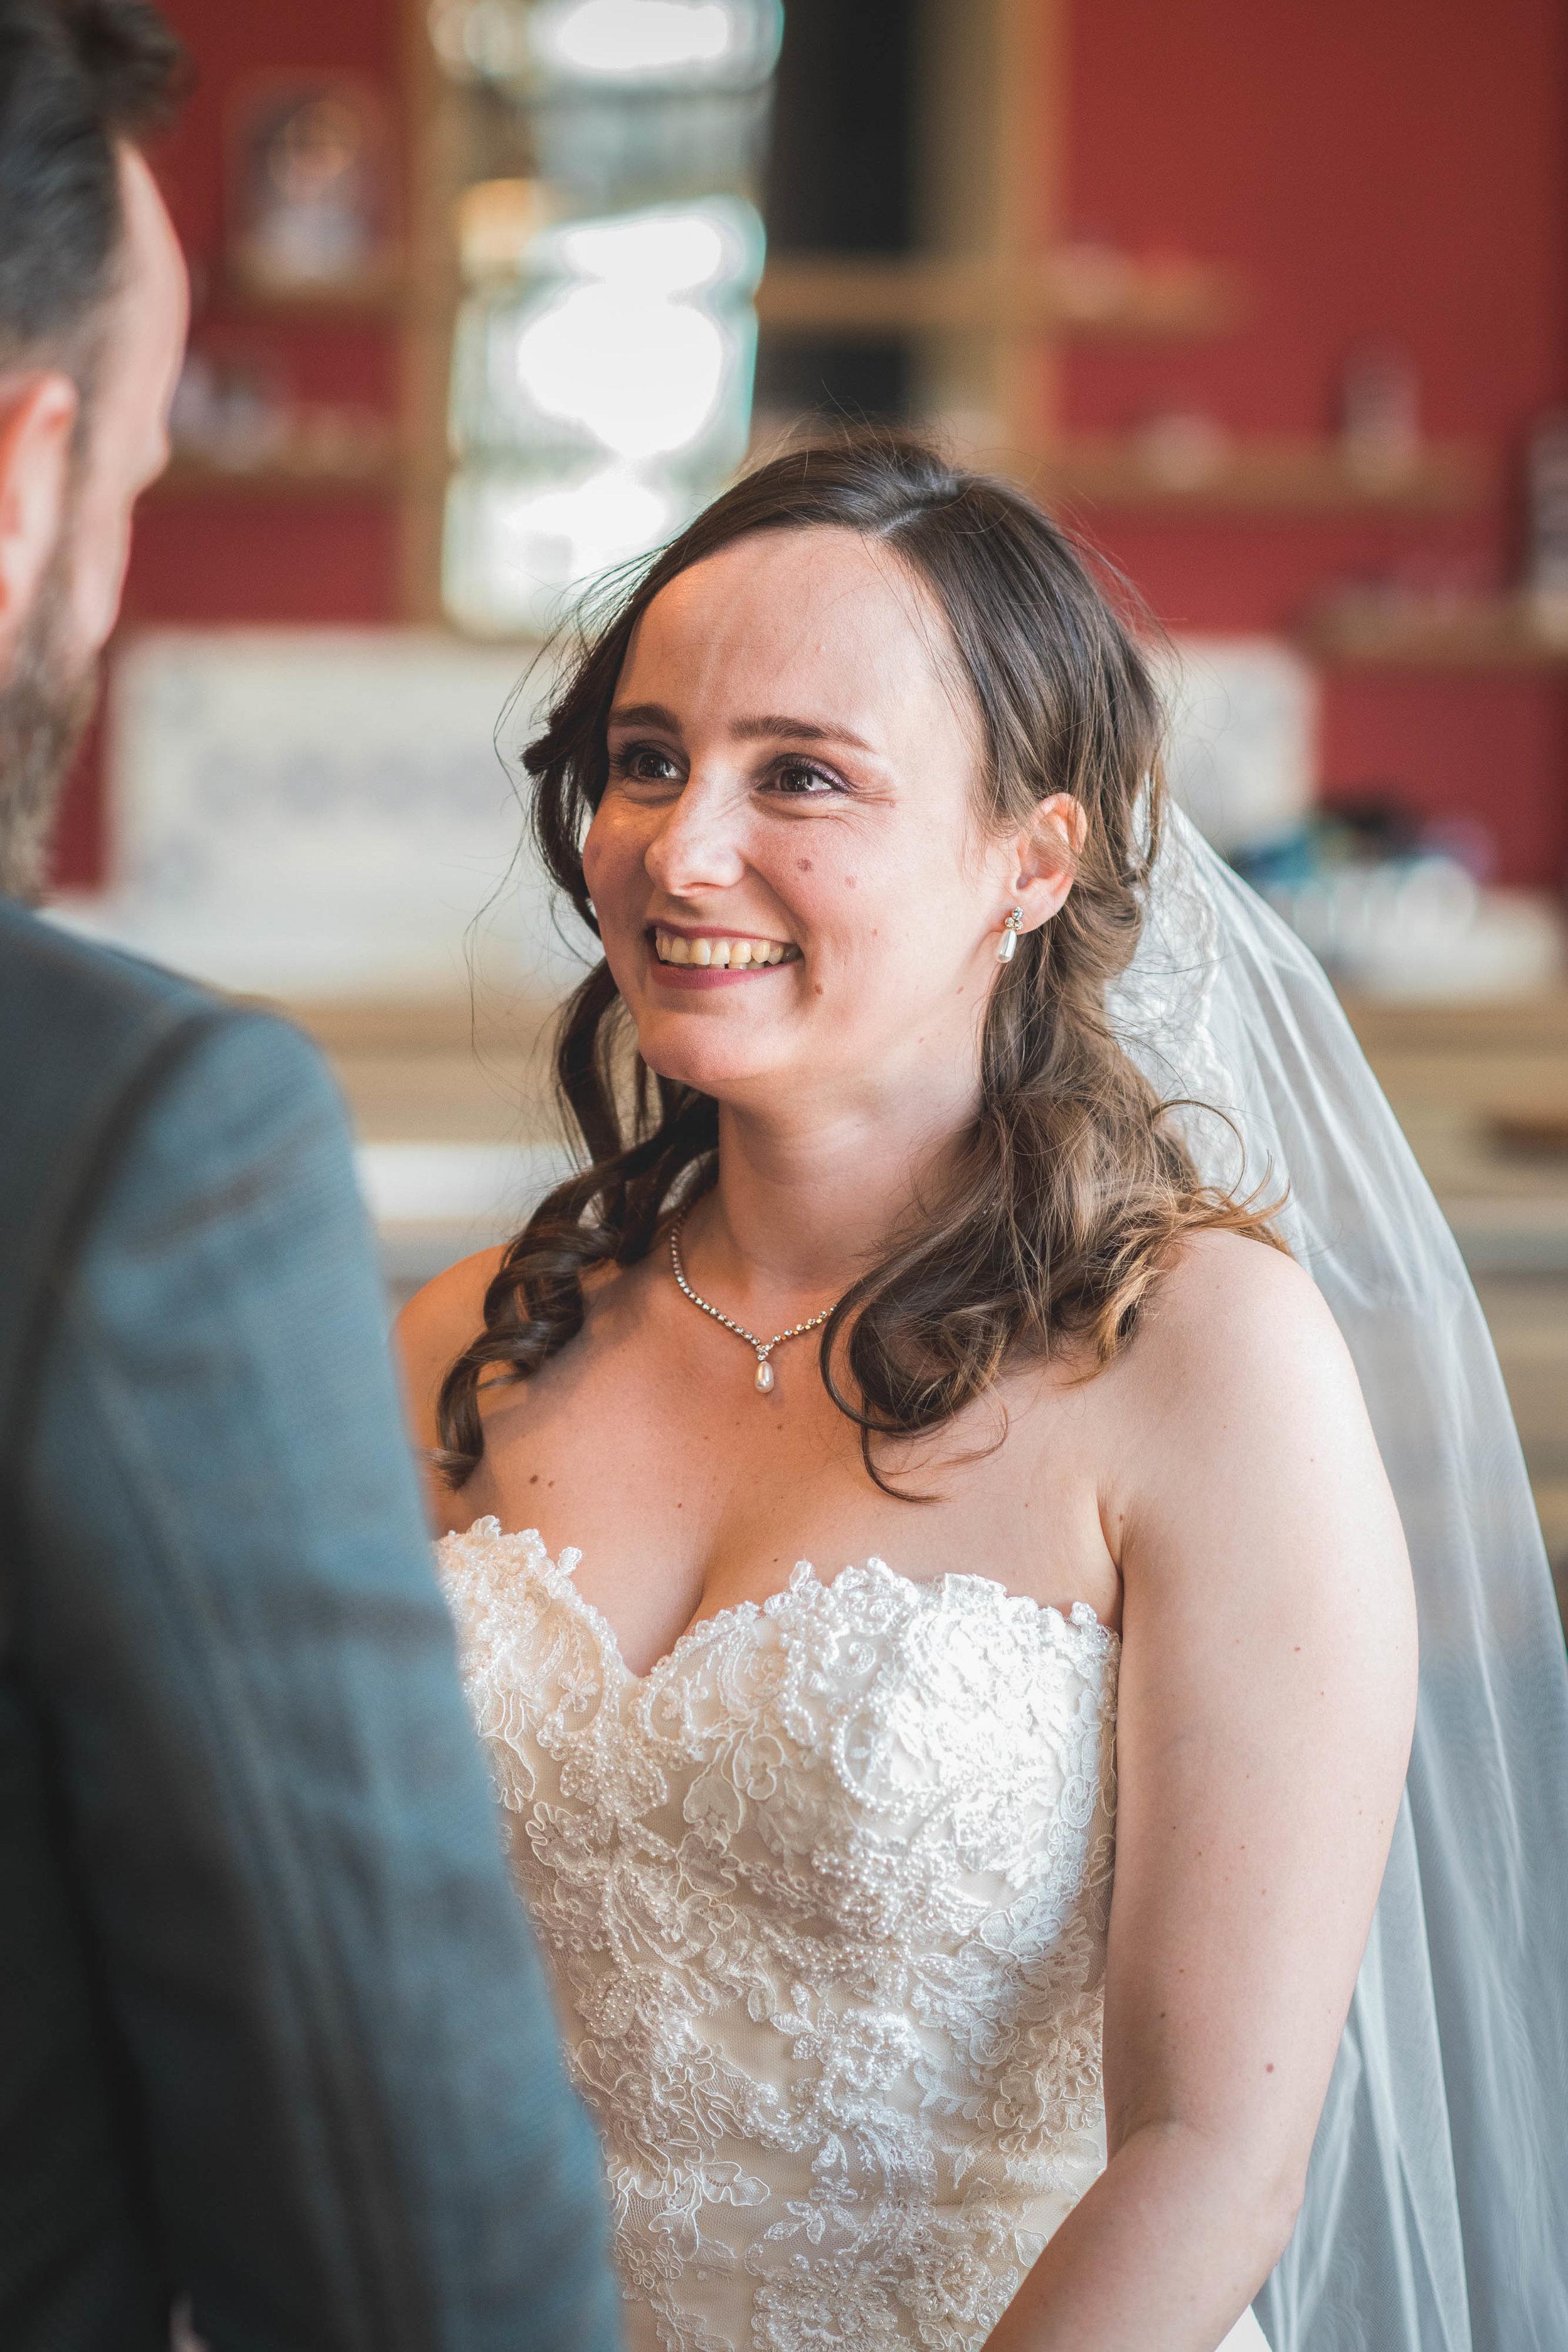 Tijdens een trouwreportage probeer ik emoties te vangen op een ontspannen manier. Hier zie je de bruid lachen naar haar bruidegom tijdens de trouwceremonie in Rotterdam.